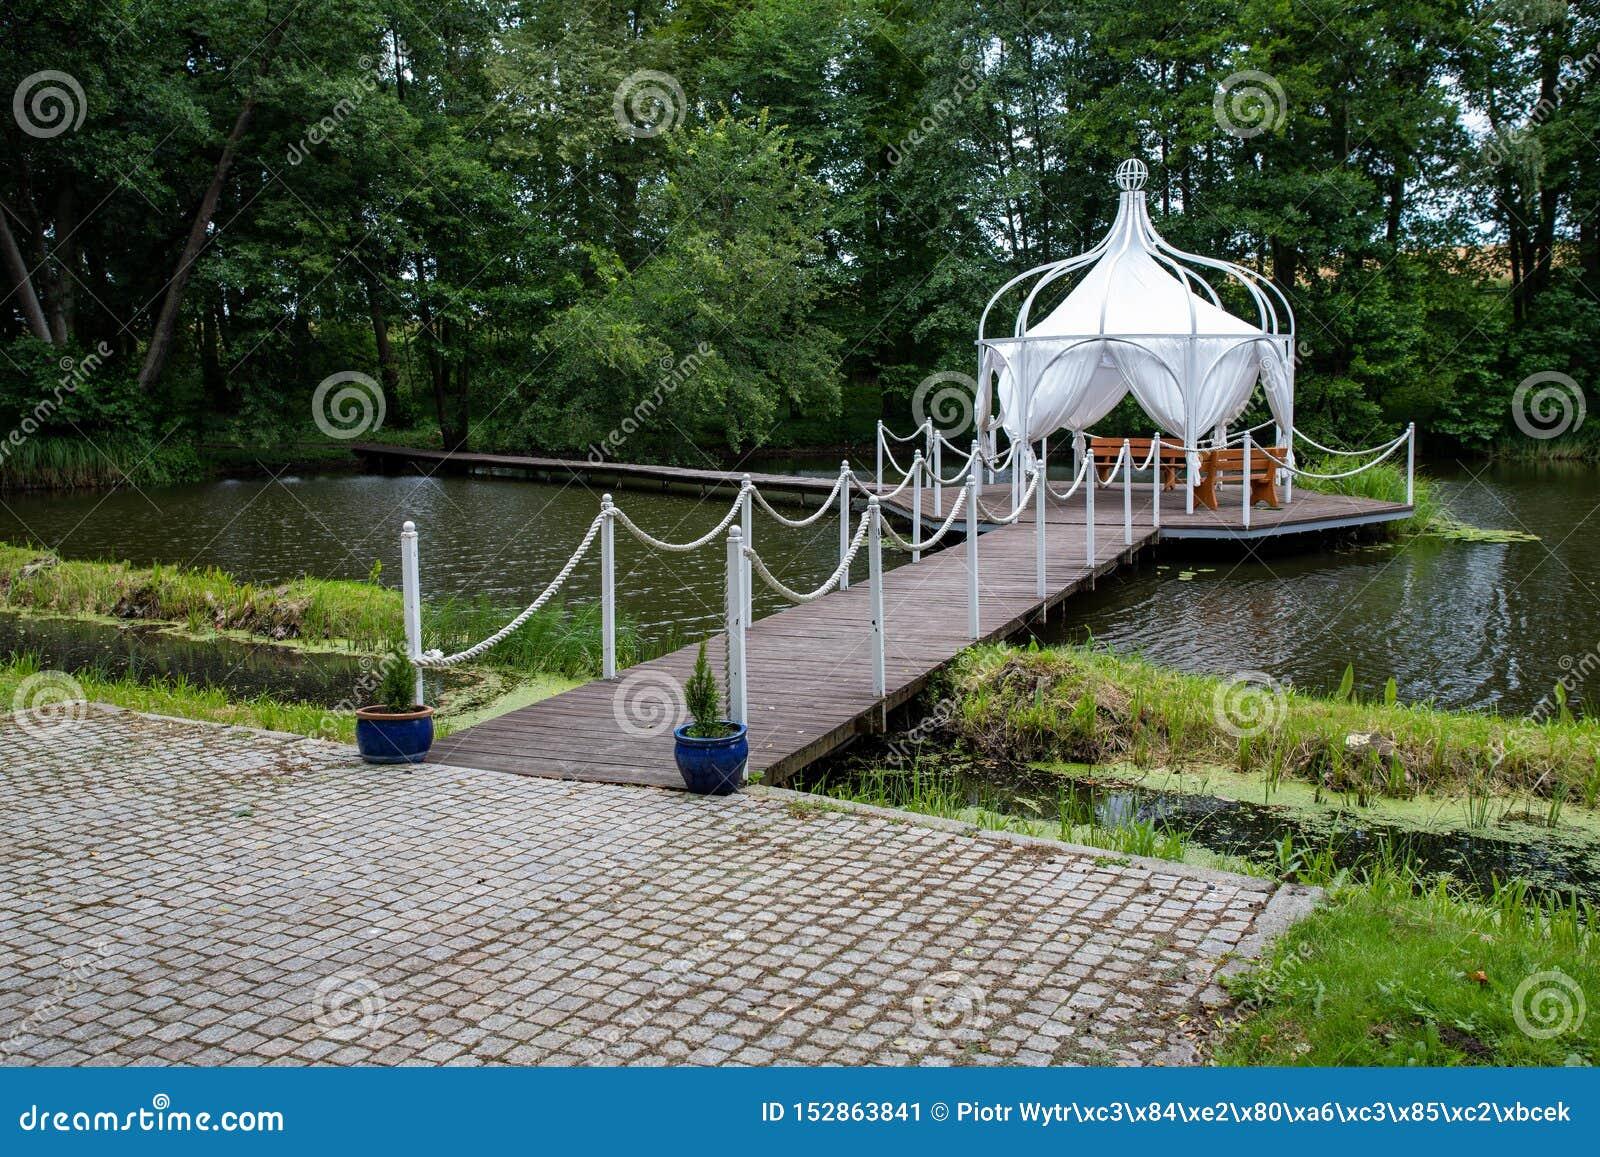 Газебо построенное на воде Покрытое место для встреч и пиршеств на небольшом коле